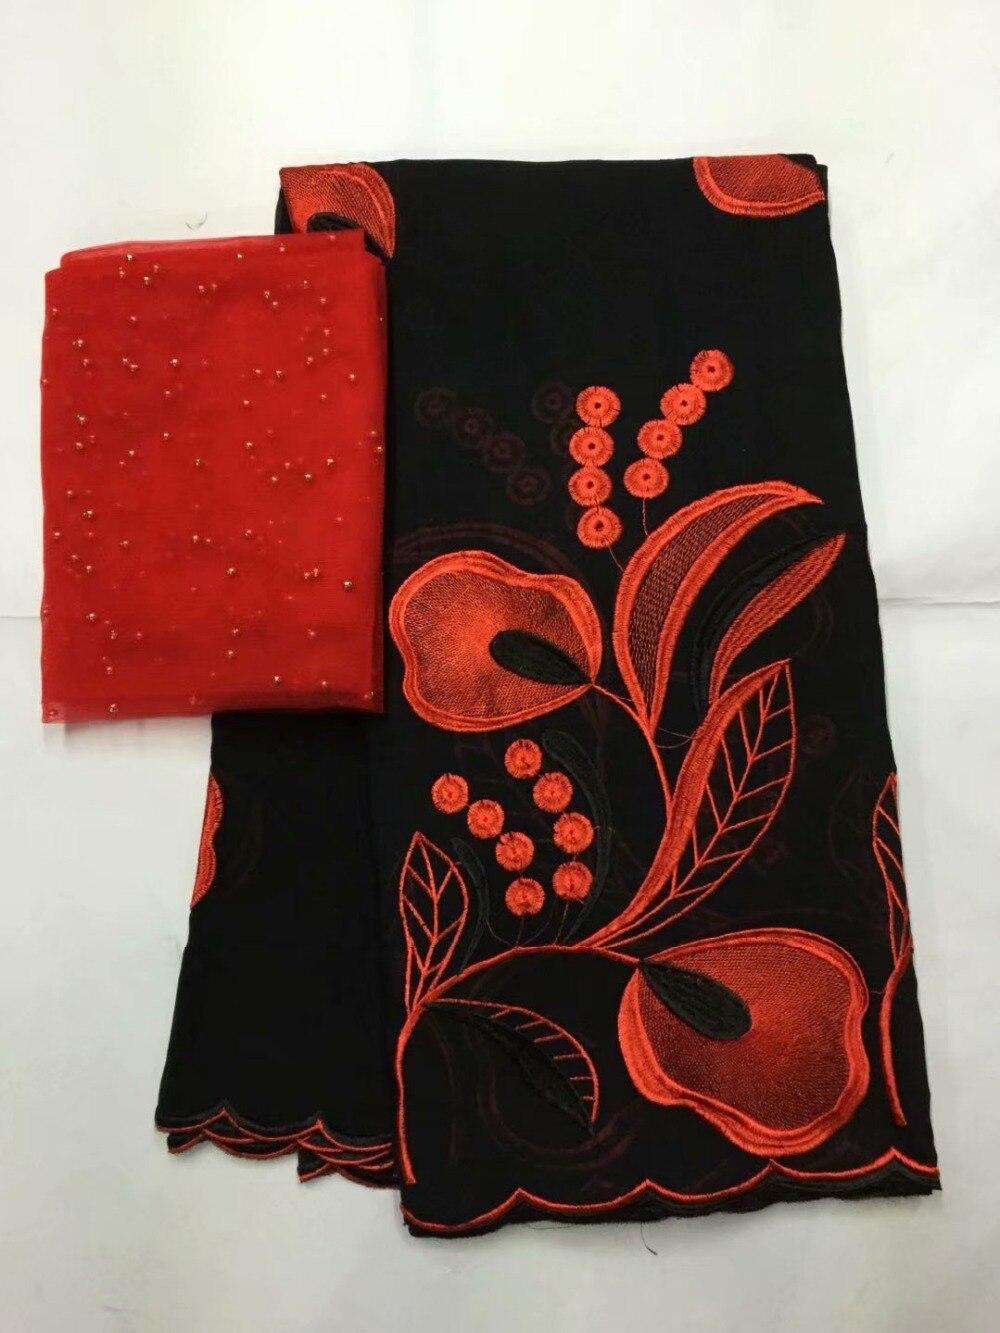 Tissus nigérians pour mariage voile suisse blanc avec broderie 100% coton tissu africain 2019 haute qualité FYD05